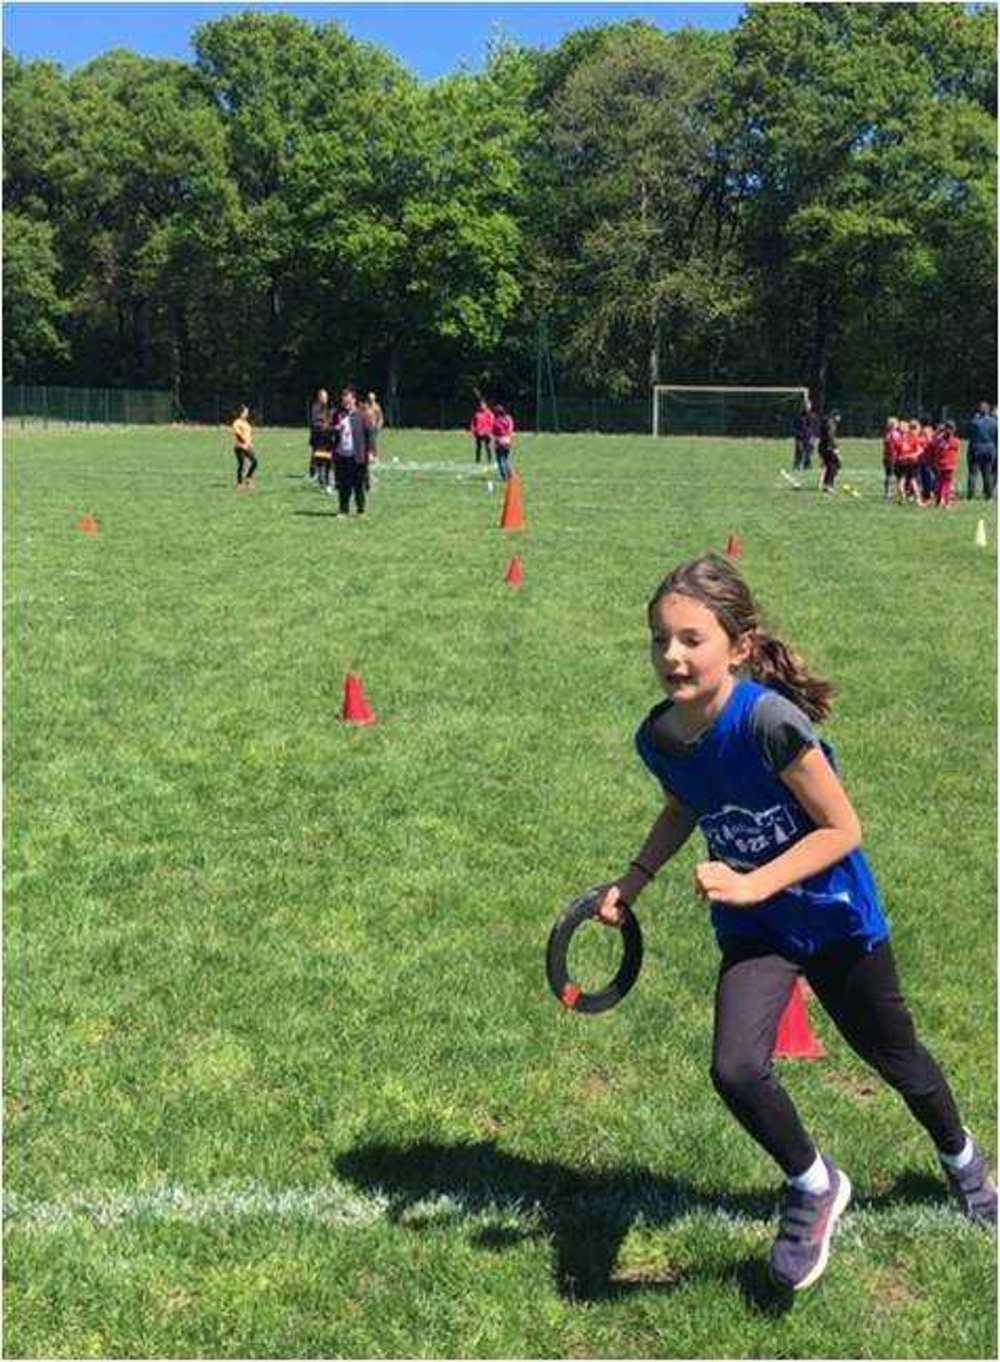 AS22 : Photos de la rencontre d''athlétisme image6